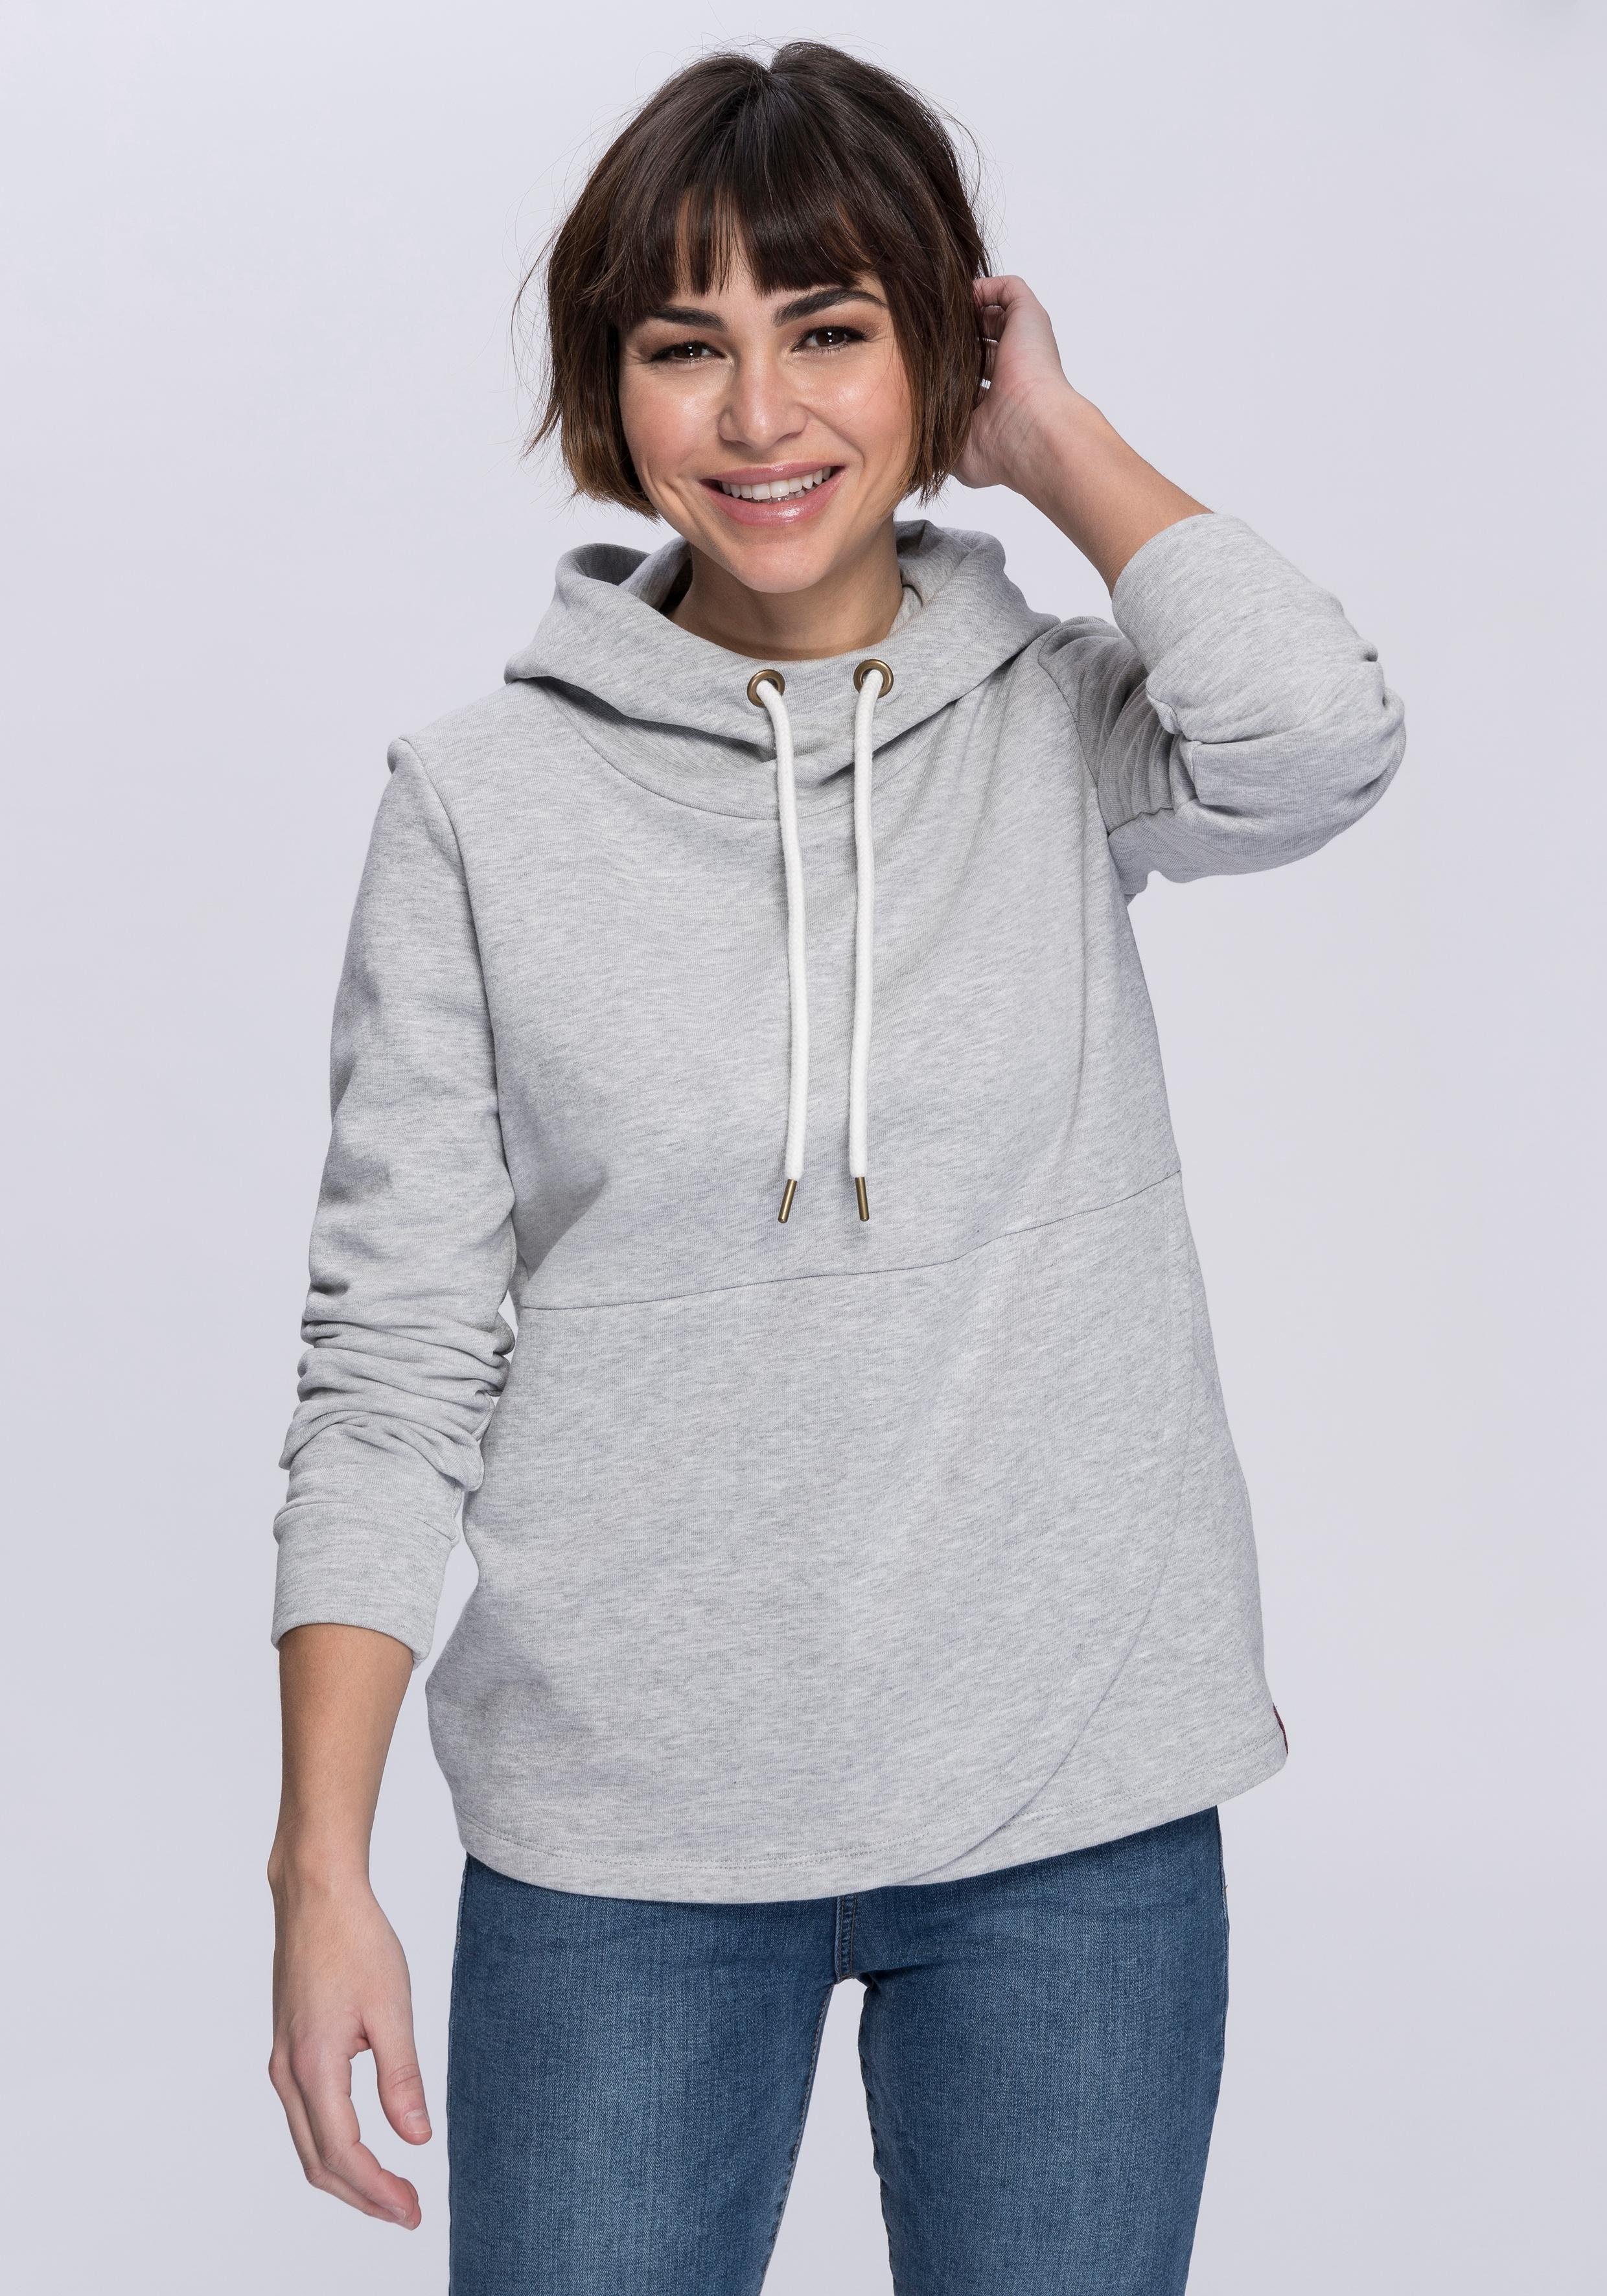 In Mit Kapuzensweatshirt Esprit Rumpfabschluss Wickeloptik tvS7q